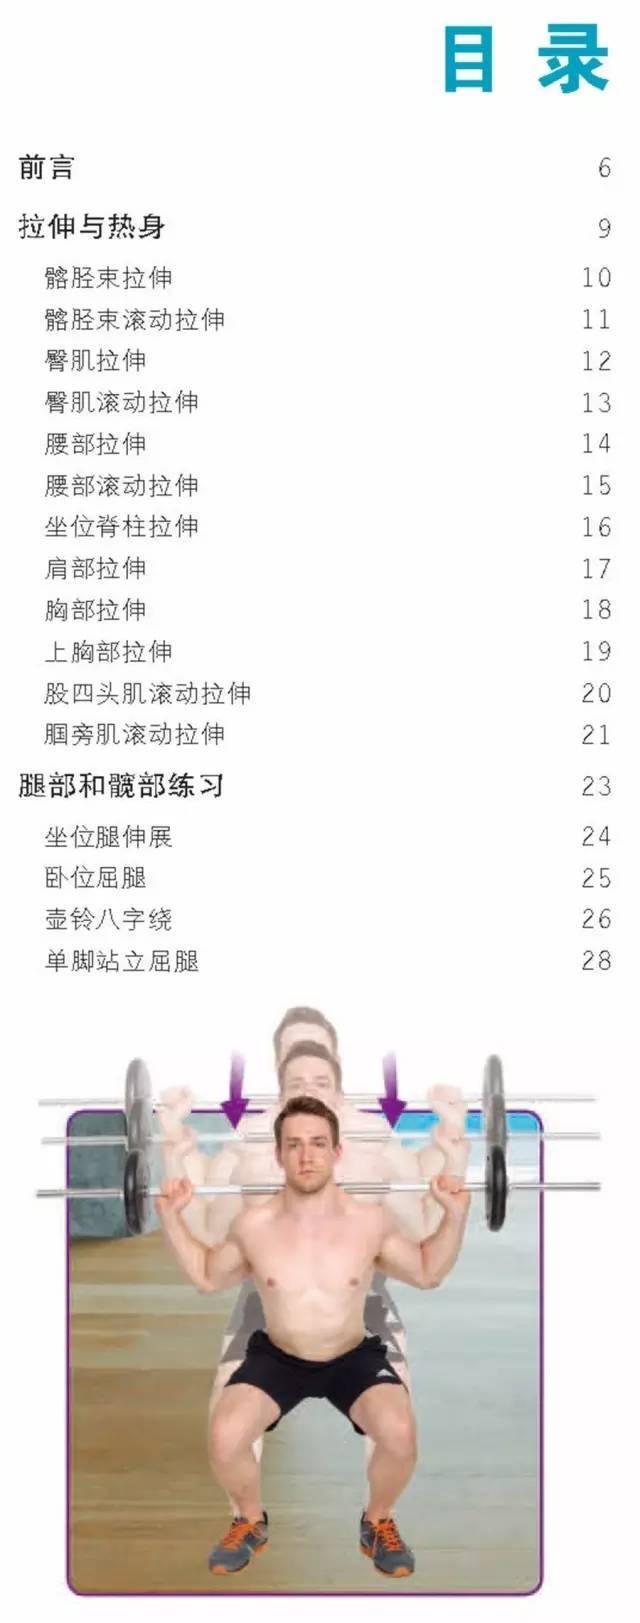 减肥套系:核心锻炼+力量锻炼+瑜伽